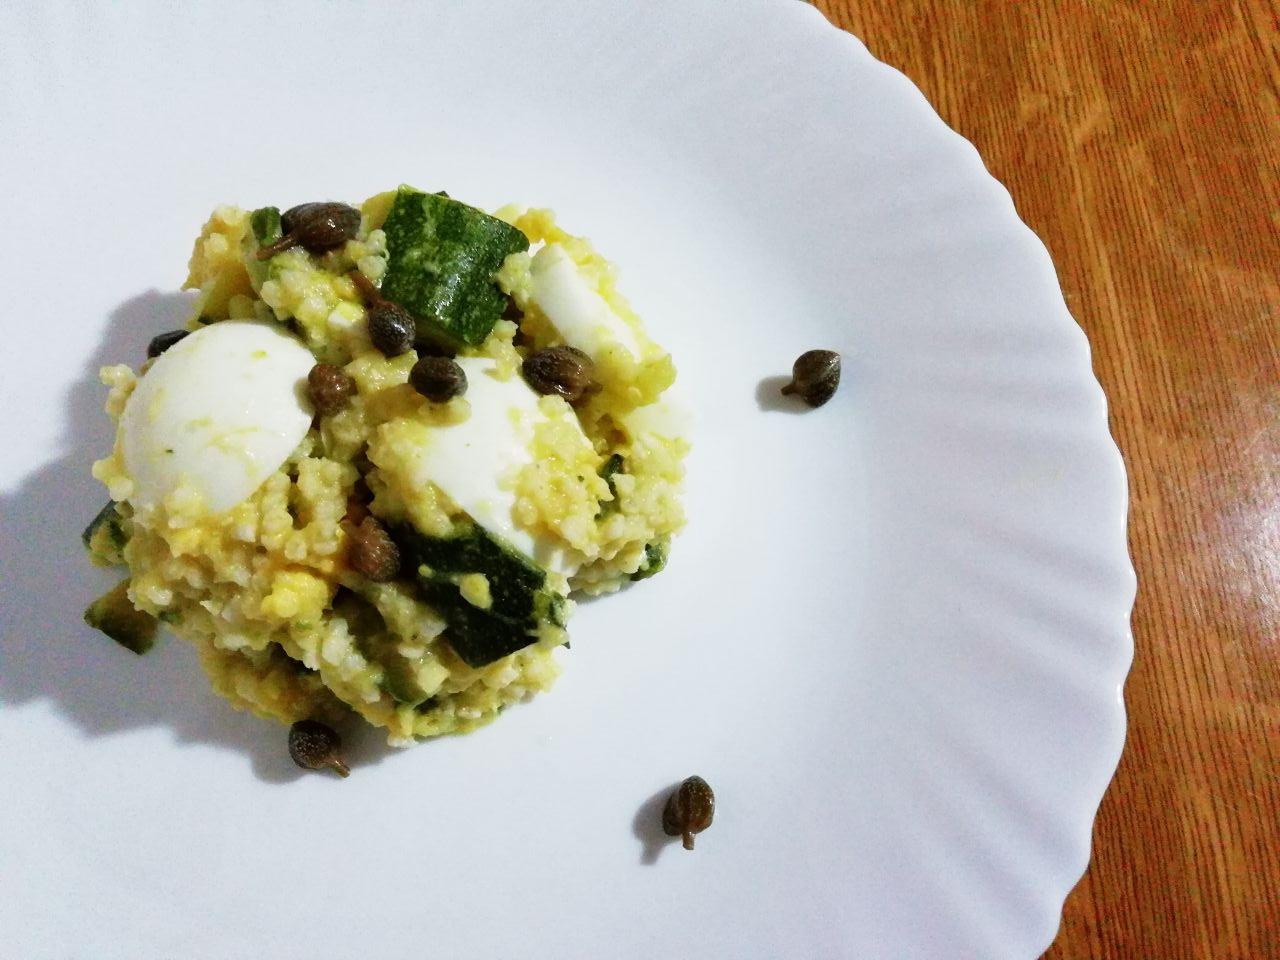 Piatti unici senza glutine: miglio decorticato con zucchine e uova!